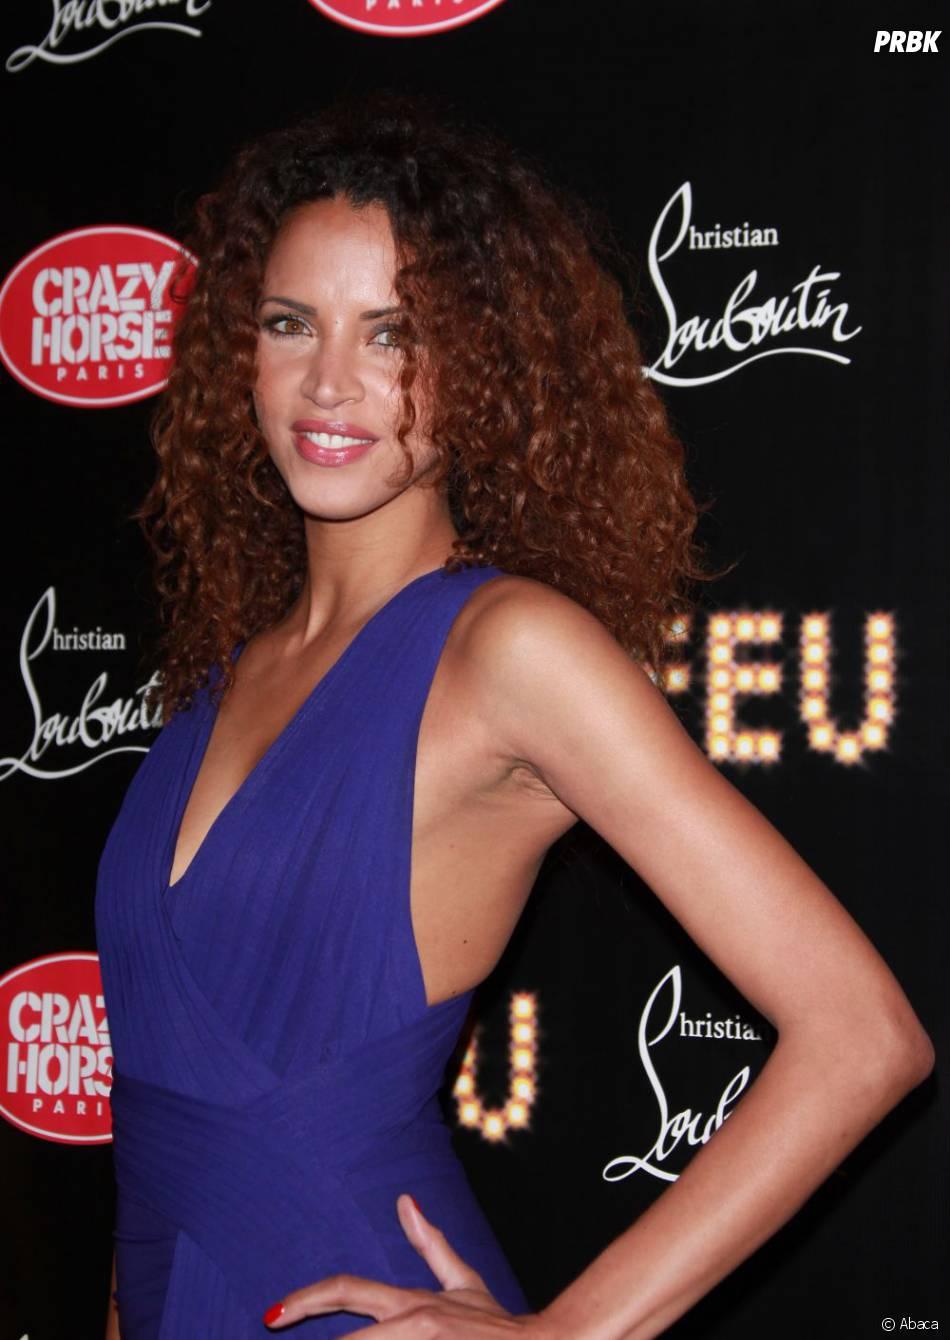 Après le Crazy Horse, Noémie Lenoir dansera pour l'émission Danse avec les stars 4